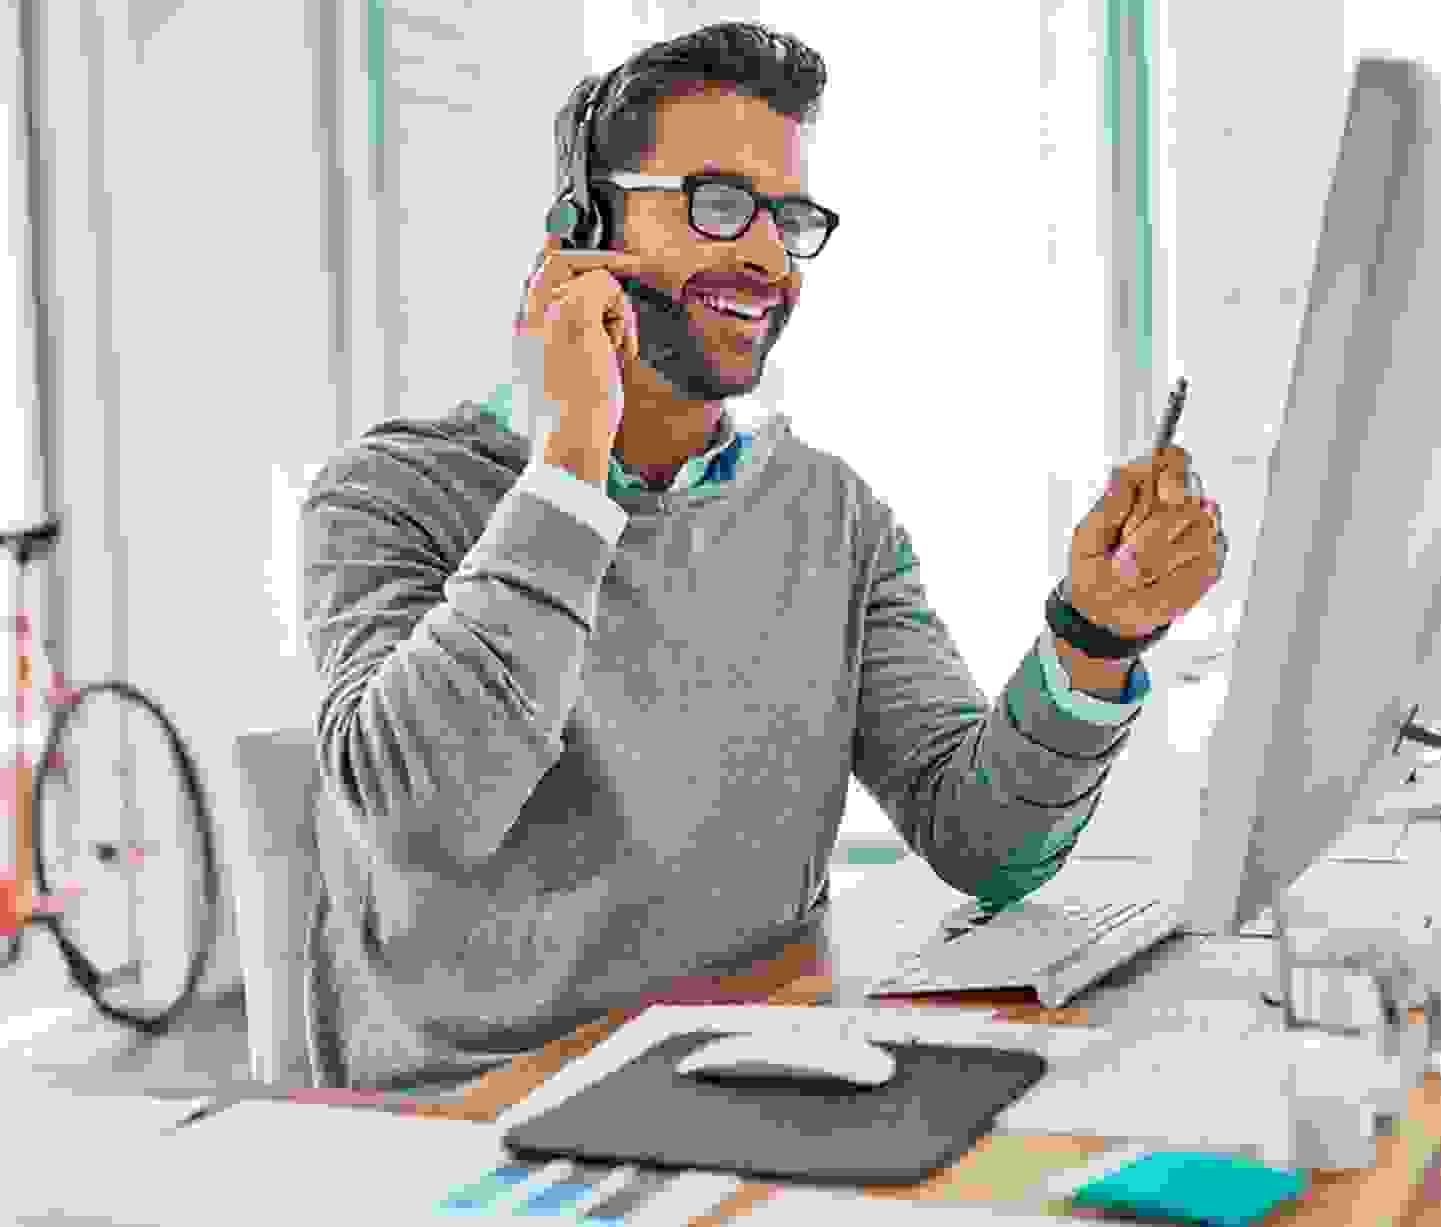 Matériel de bureau pour une meilleure ergonomie au poste de travail